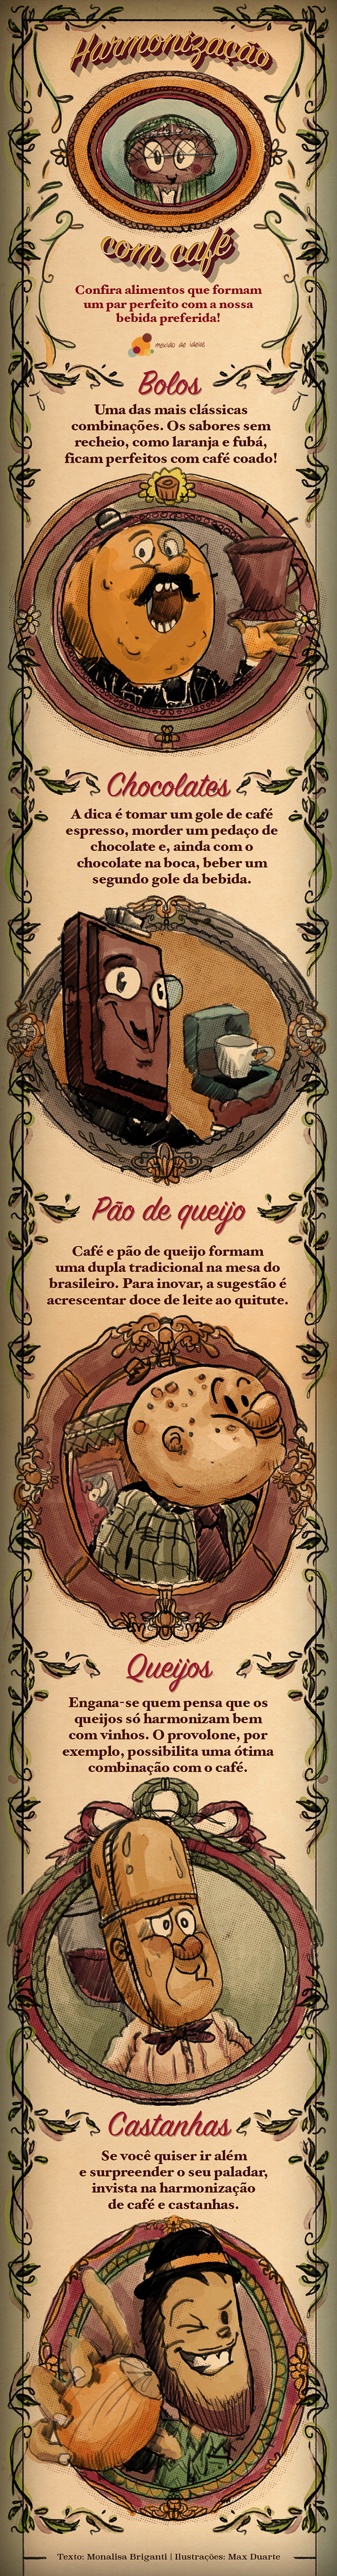 harmonizacao-cafe